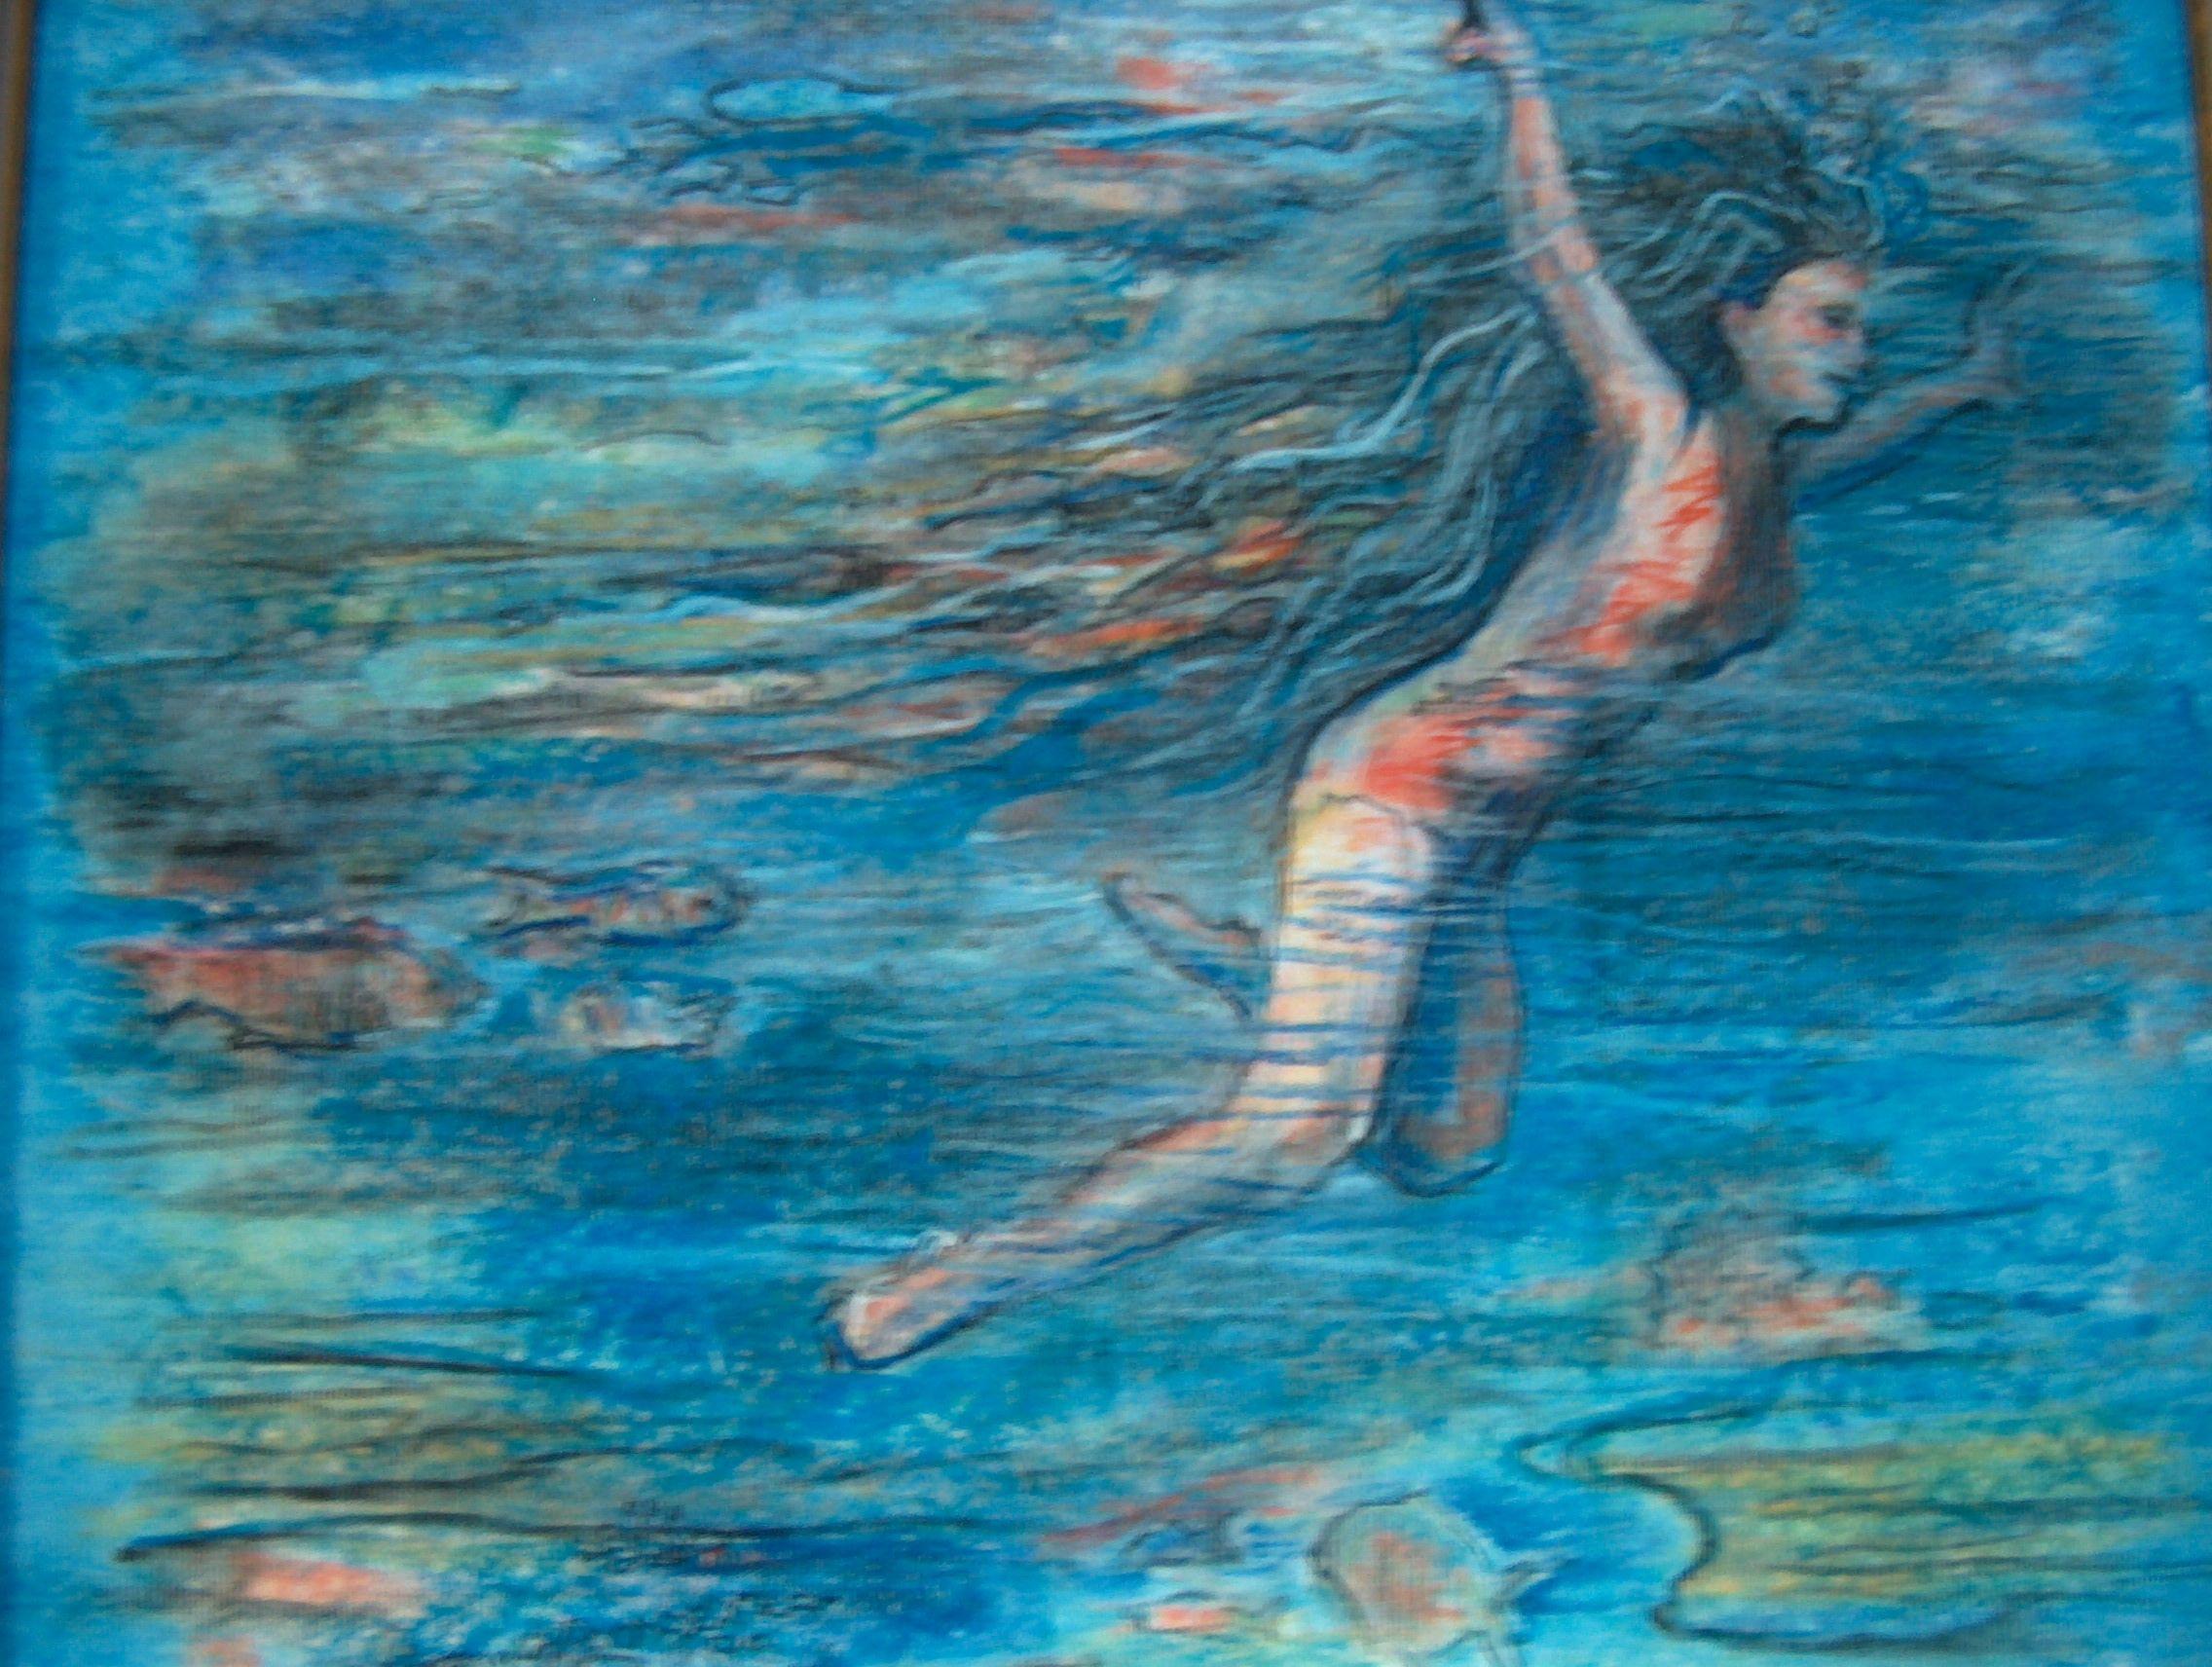 pastel- what it's like to snorkel in Hawaaii- VAN WINKLE